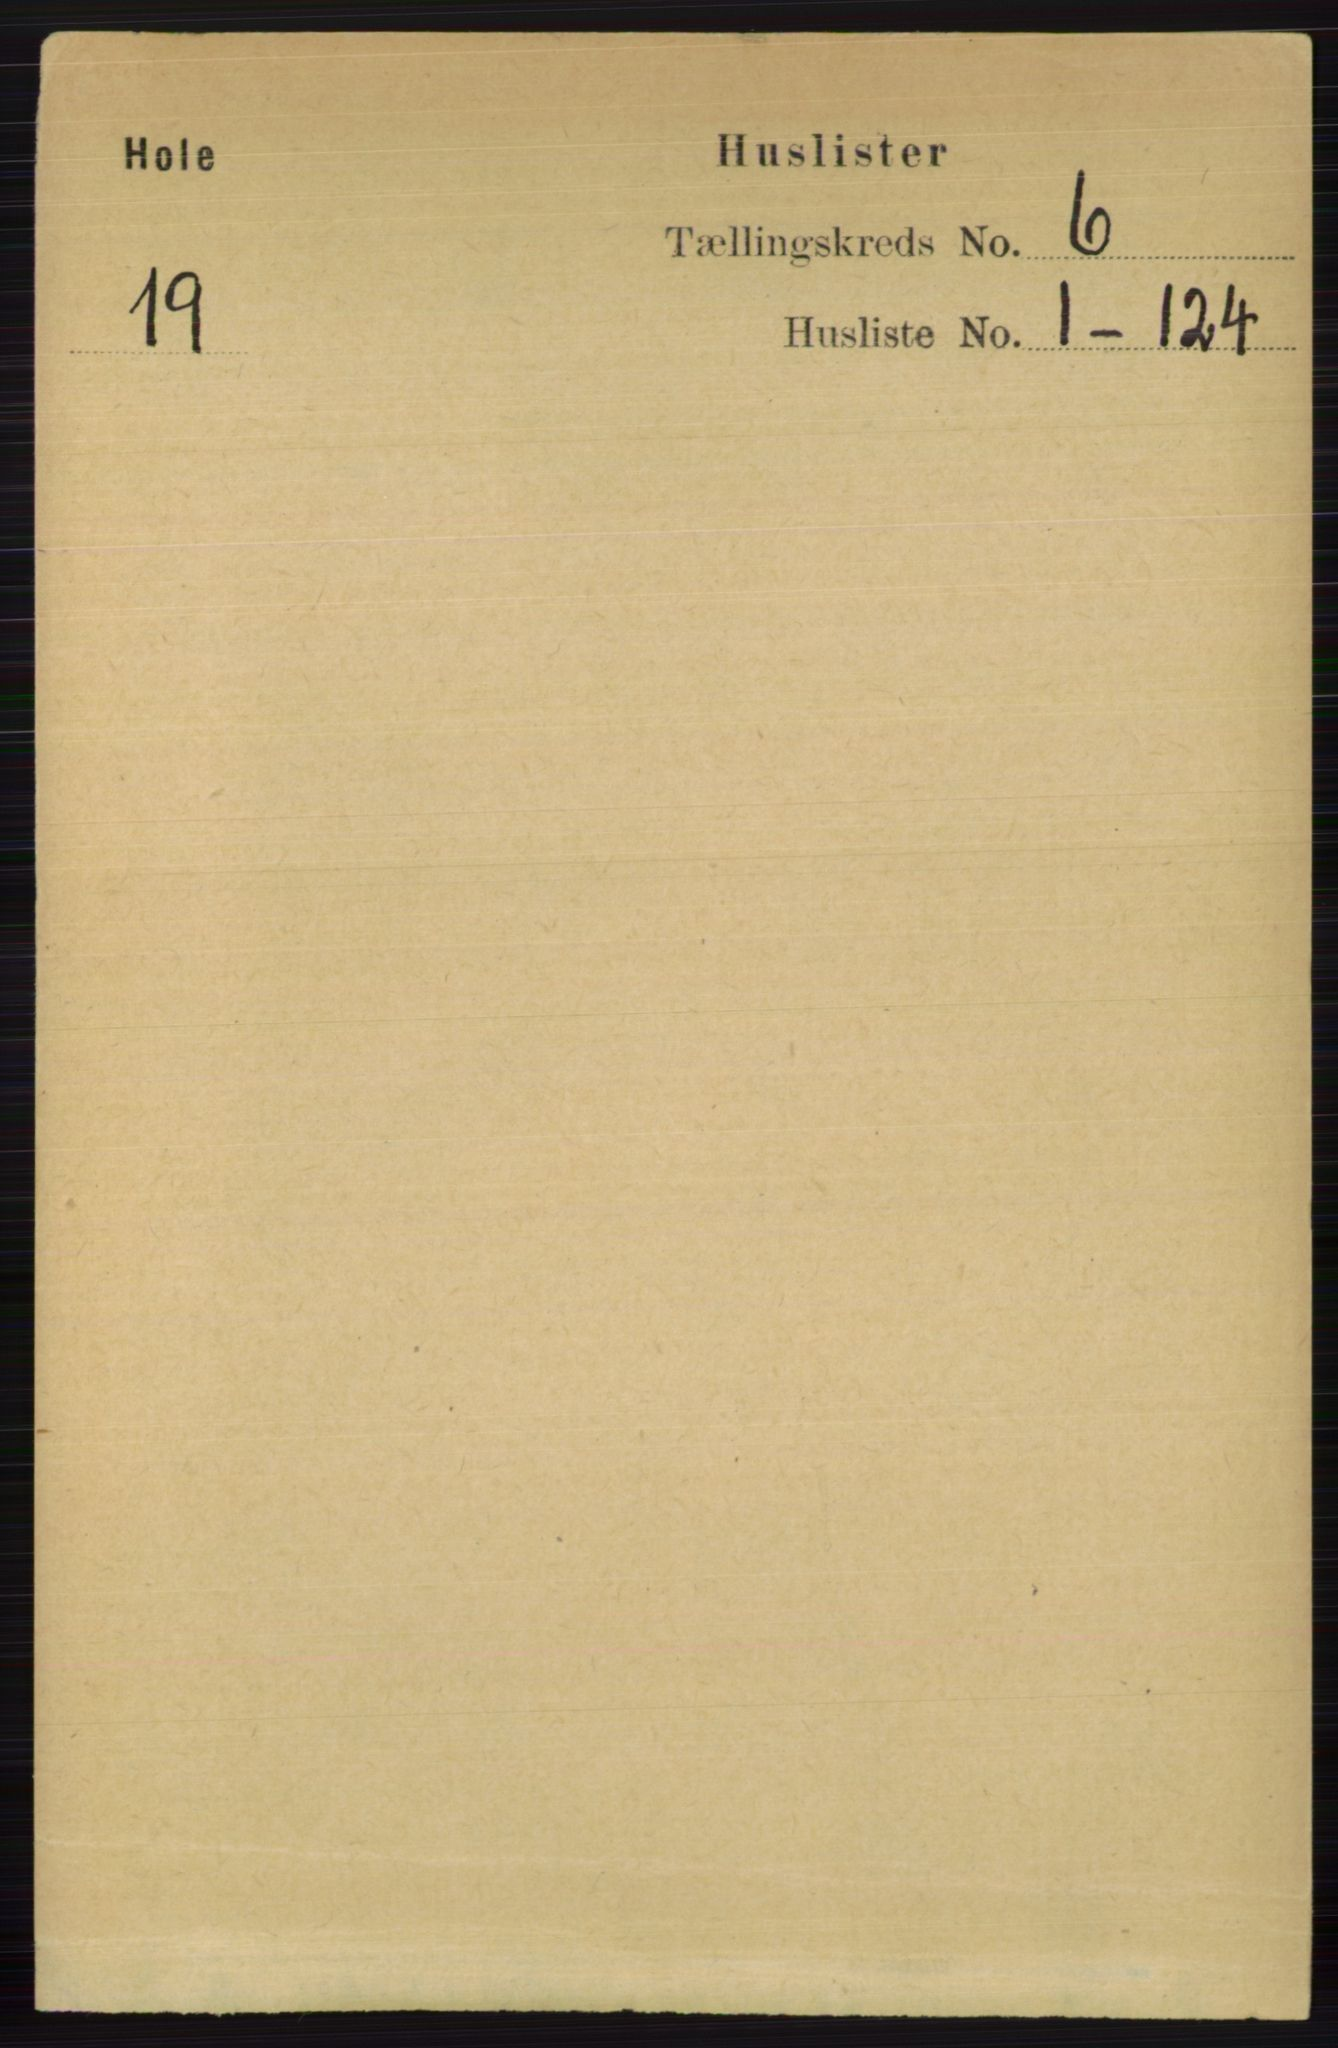 RA, Folketelling 1891 for 0612 Hole herred, 1891, s. 2970